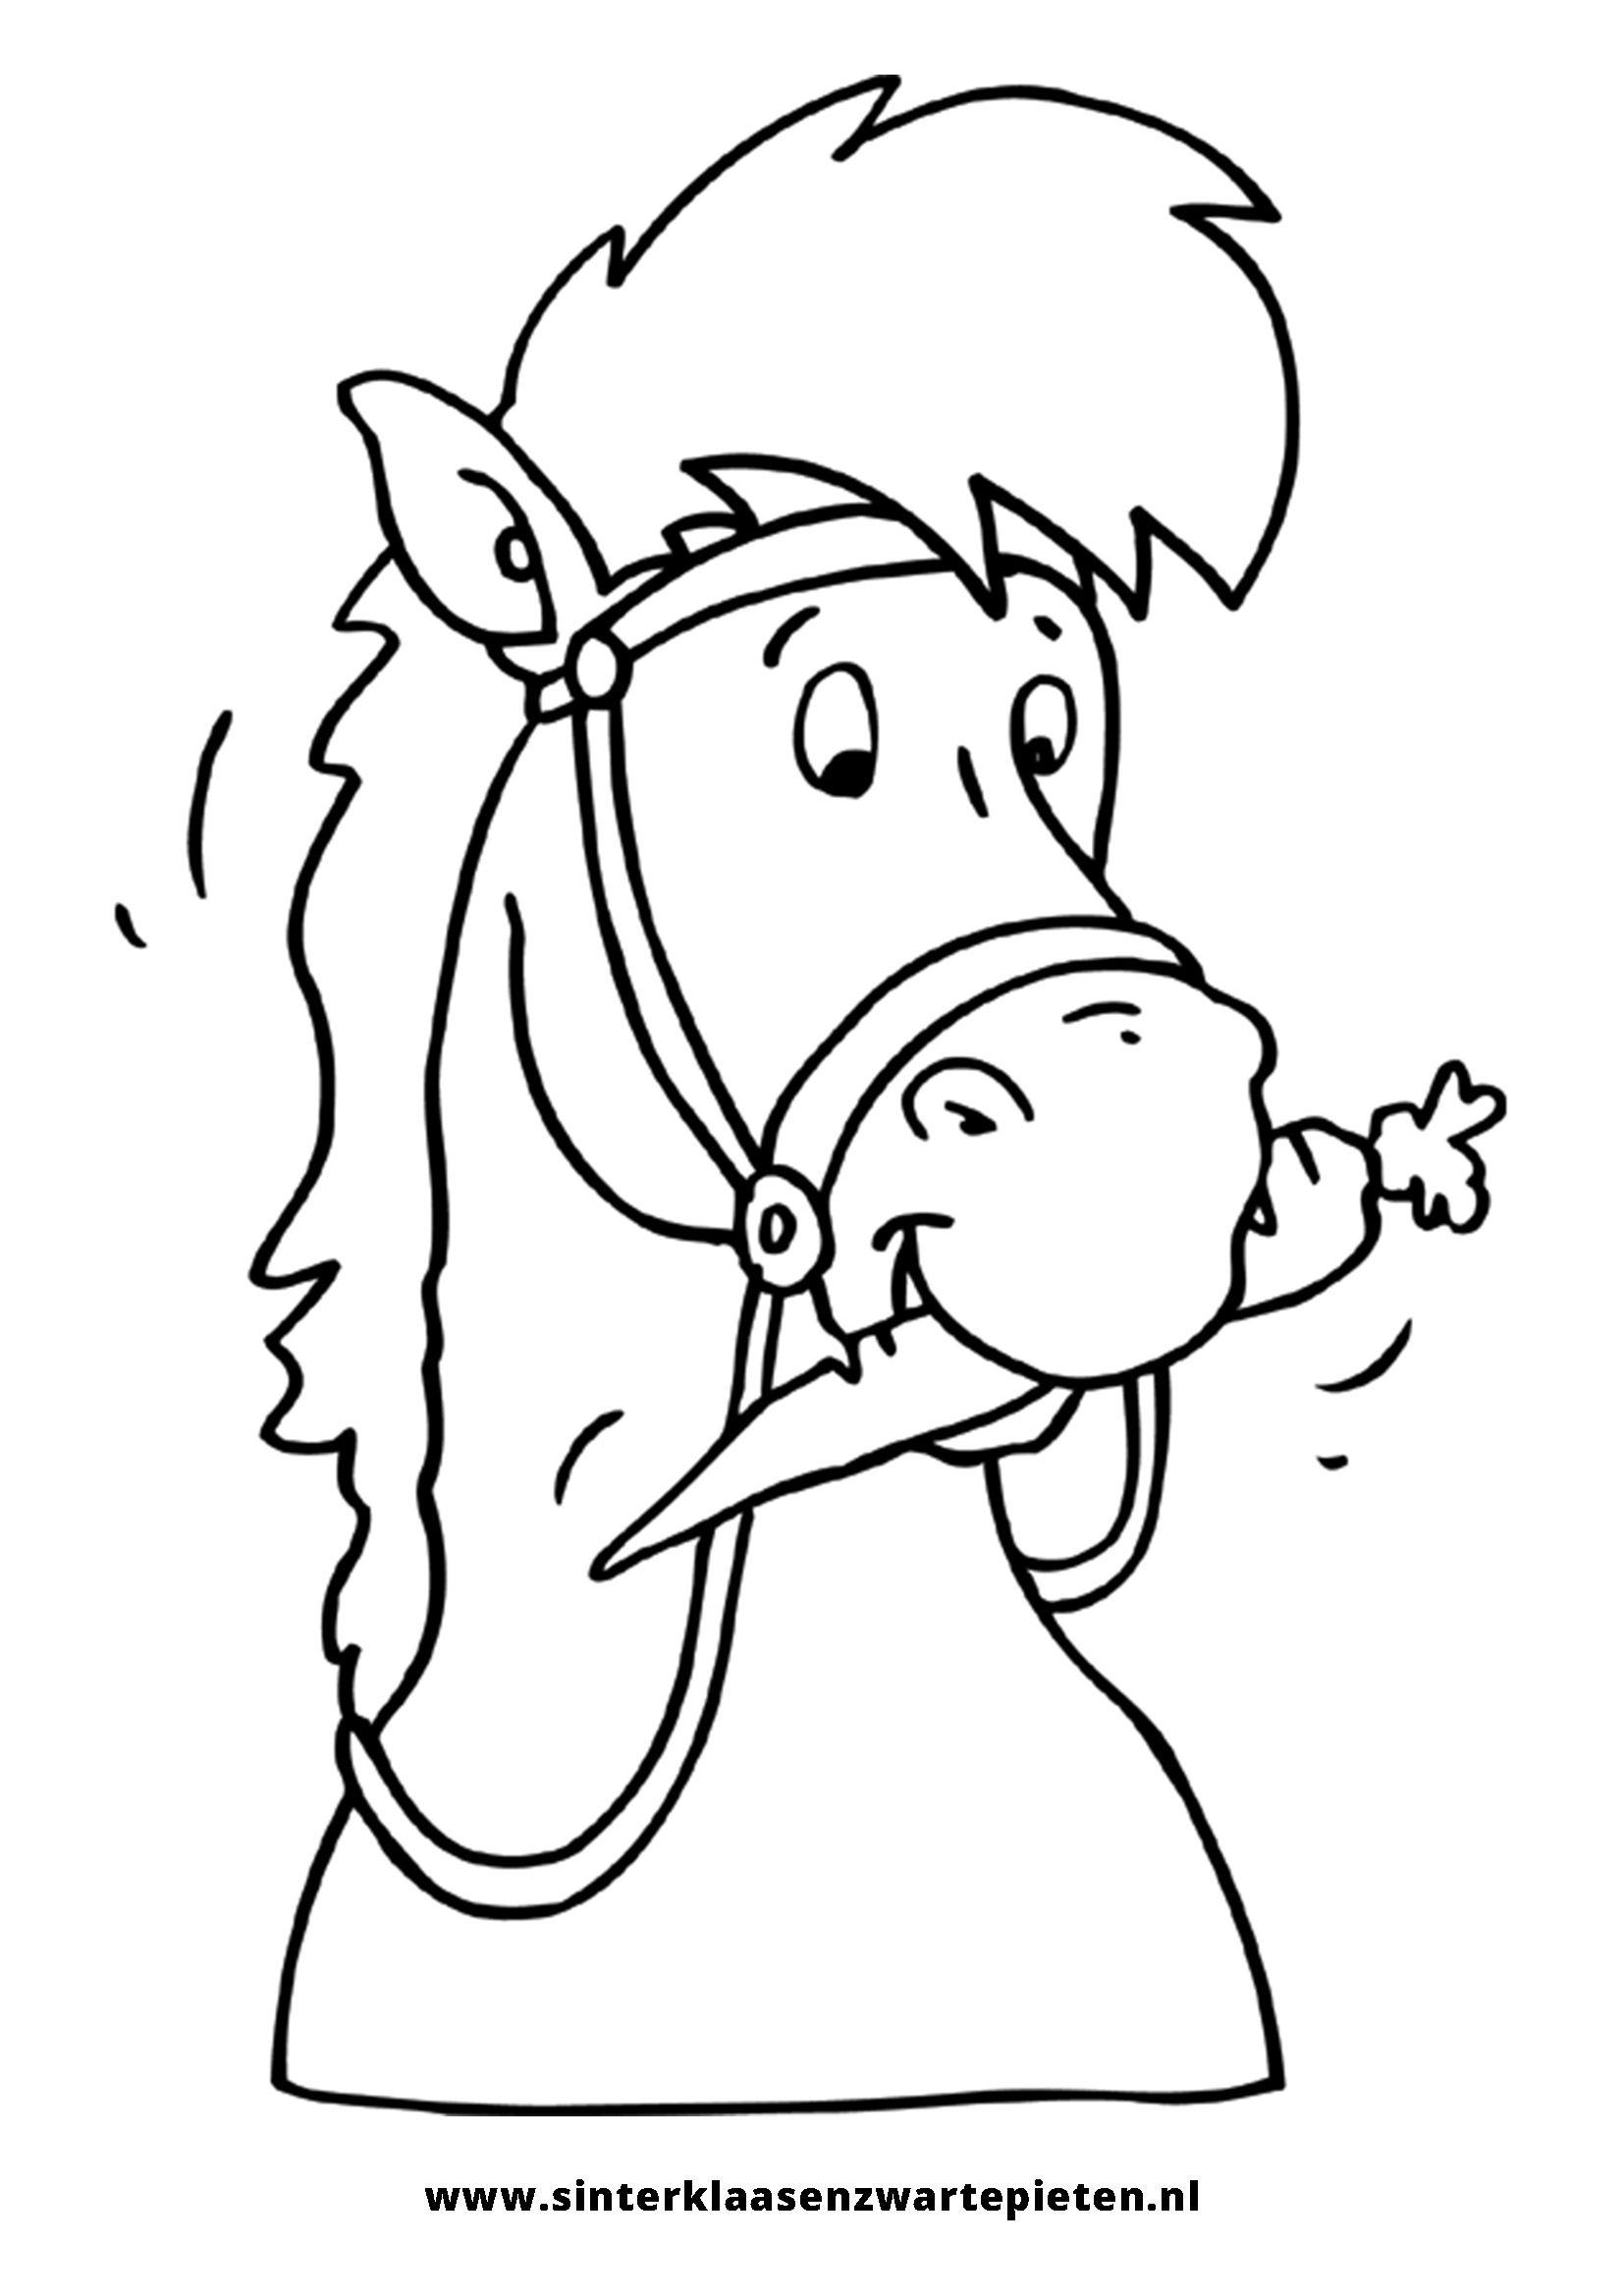 Google Kleurplaten Paarden.Amerigo Kleurplaat Google Zoeken Sint En Piet Surprise